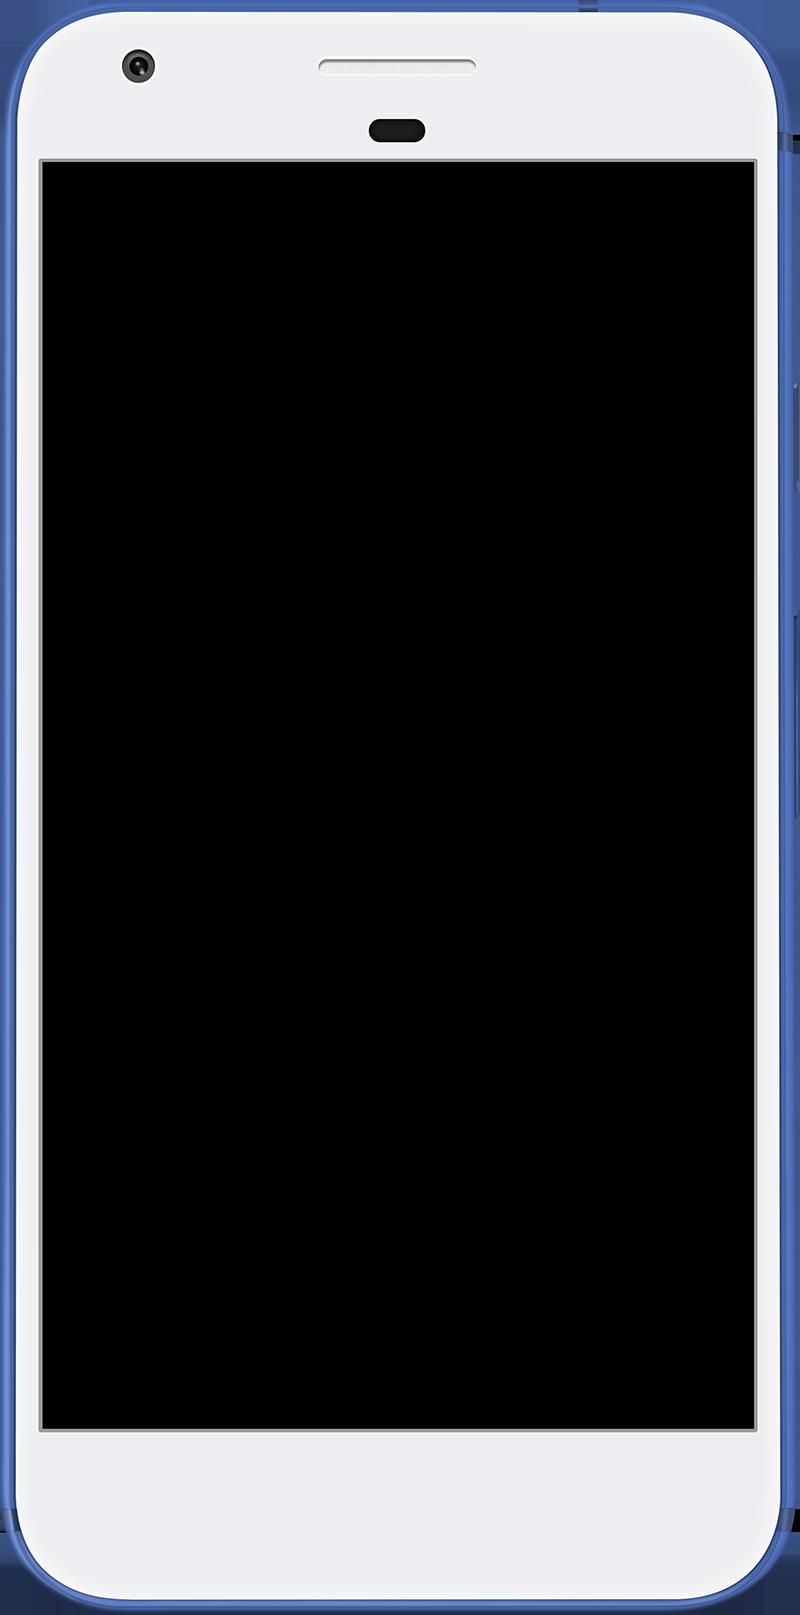 googlepixelblue Slider